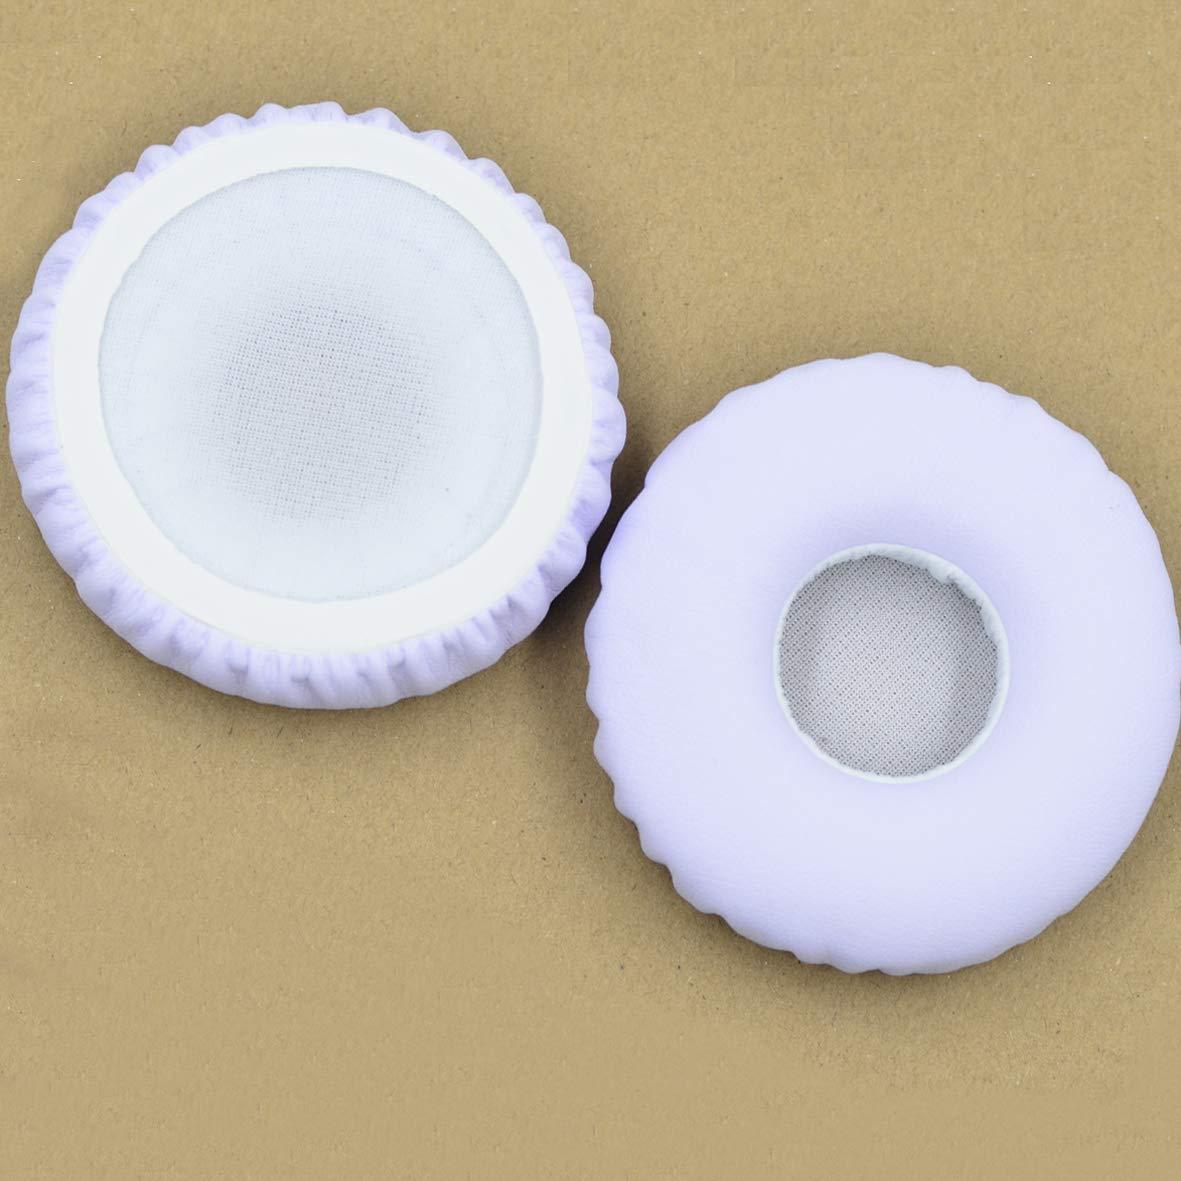 Almohadillas Para Auriculares Sony Dr-btn200 Blancas